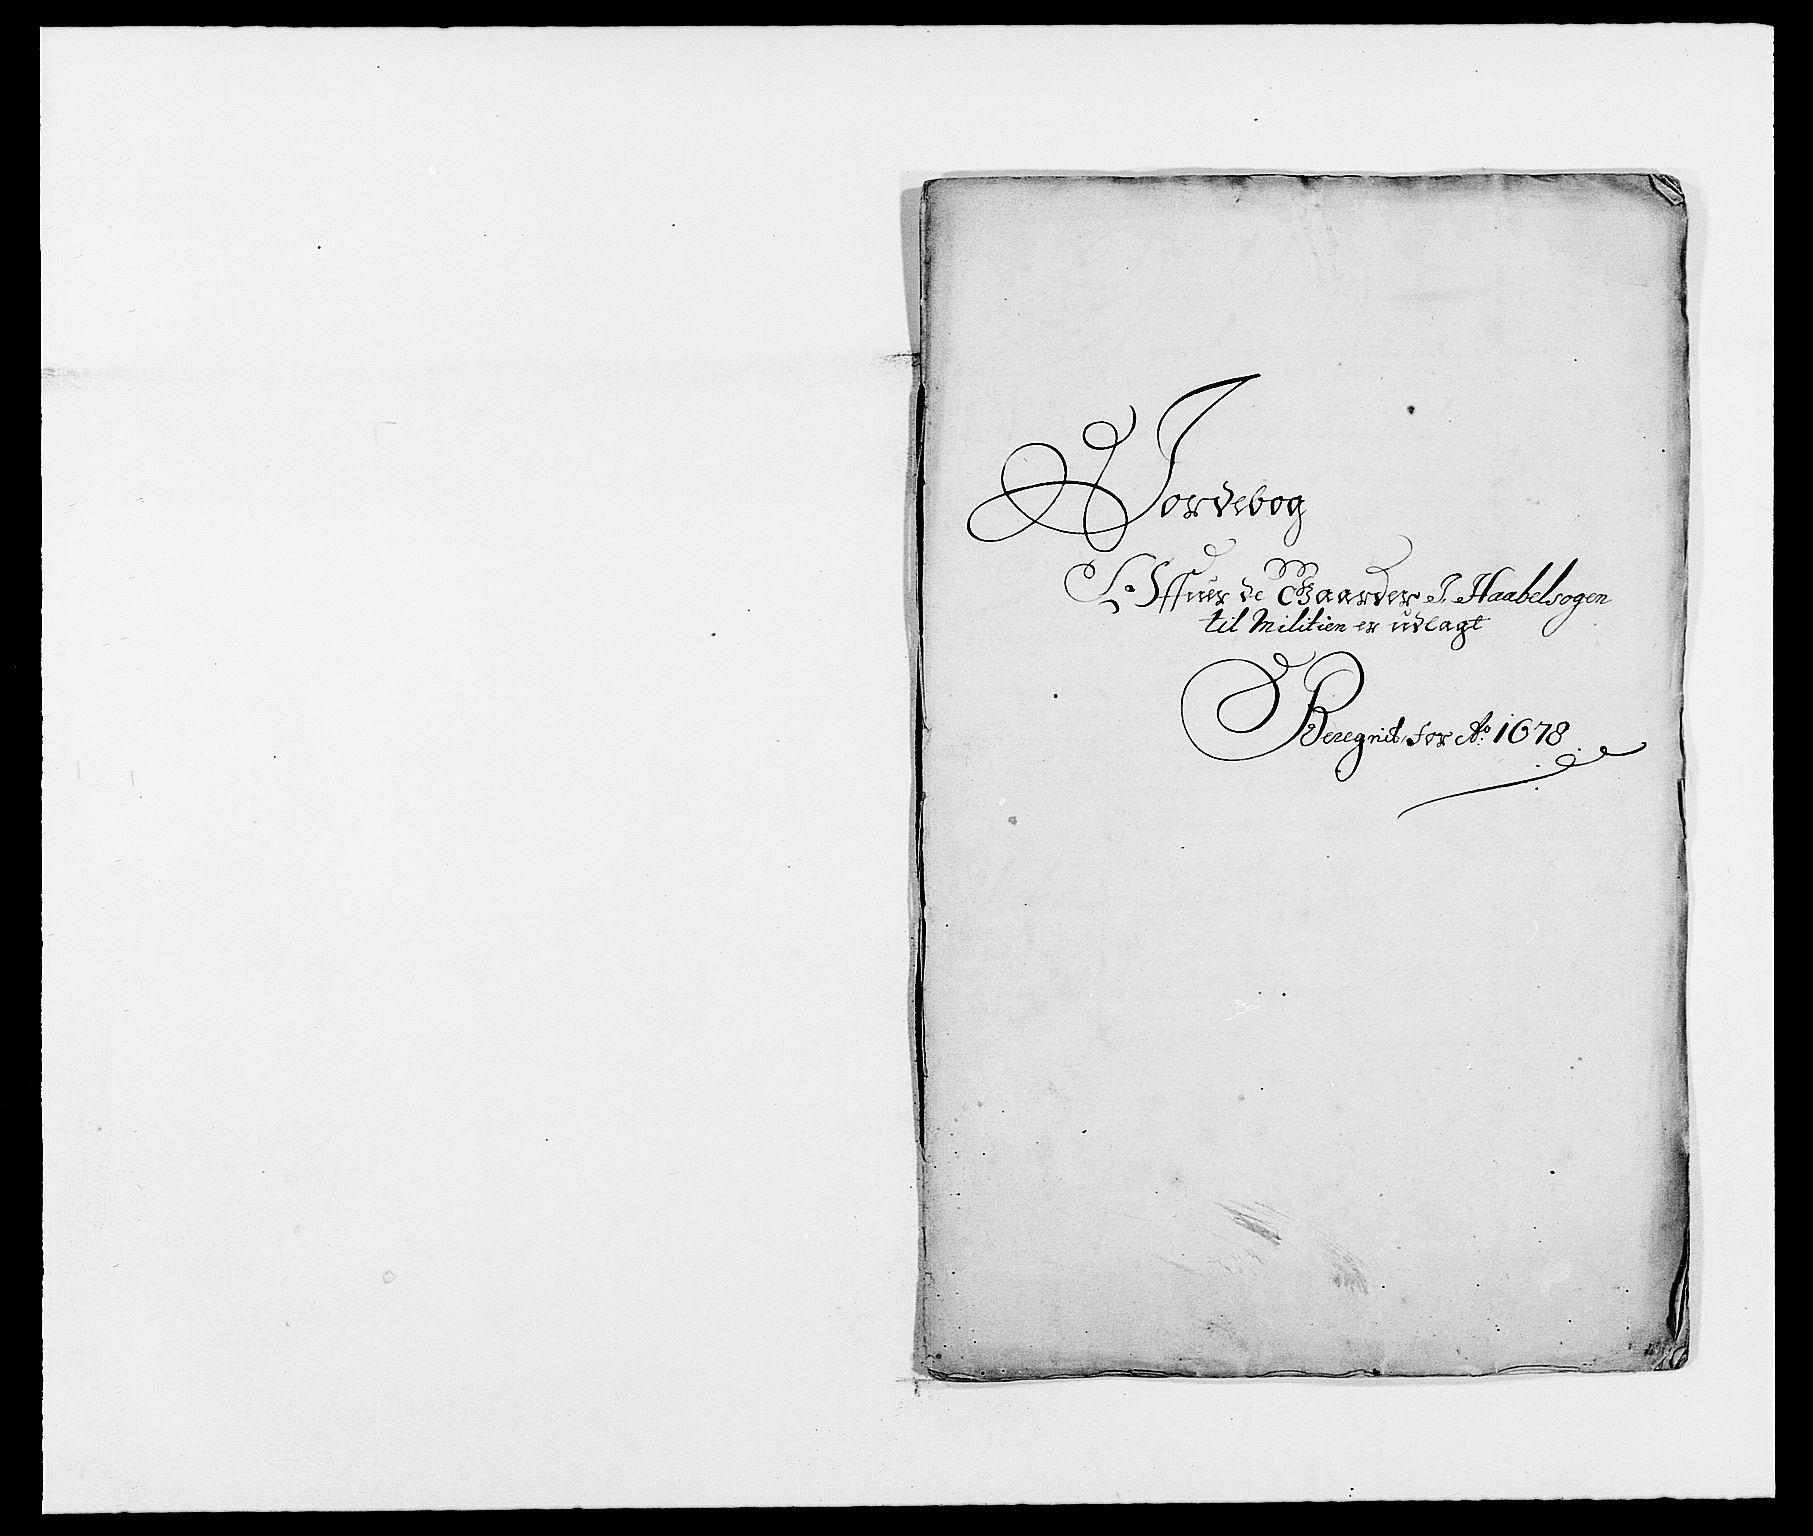 RA, Rentekammeret inntil 1814, Reviderte regnskaper, Fogderegnskap, R02/L0099: Fogderegnskap Moss og Verne kloster, 1678, s. 147